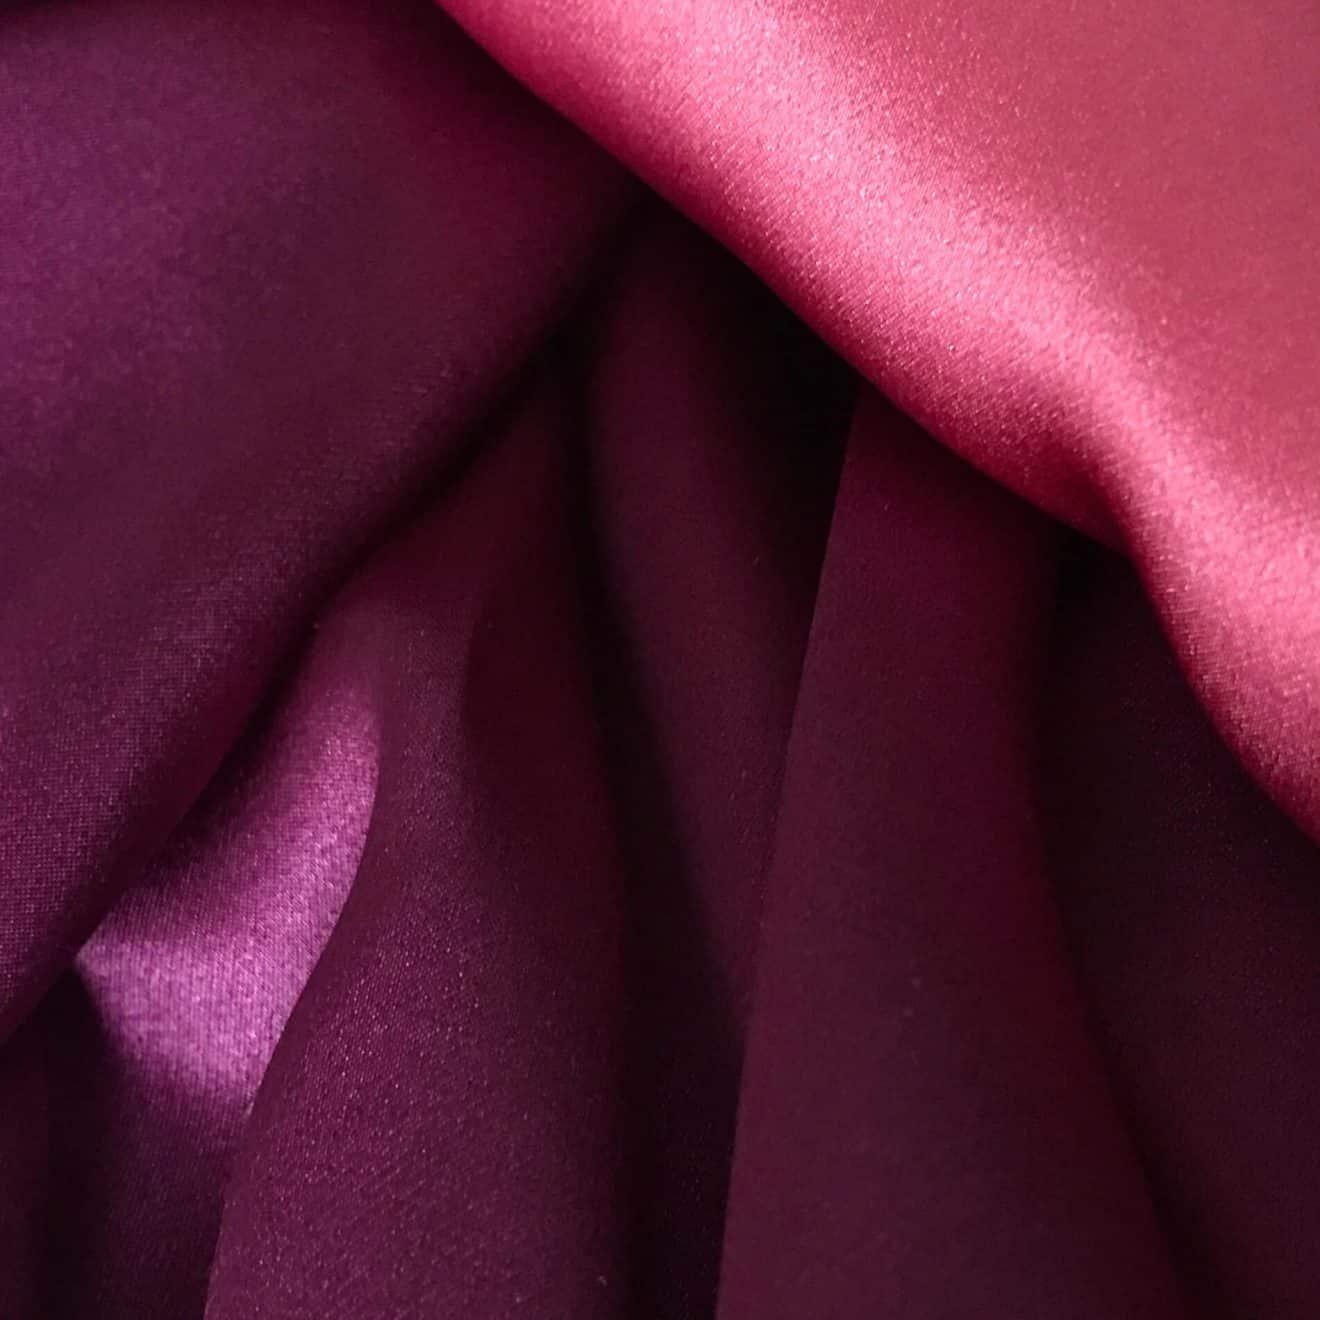 الحجاب في الحرير الأرجواني الساتان quetsche